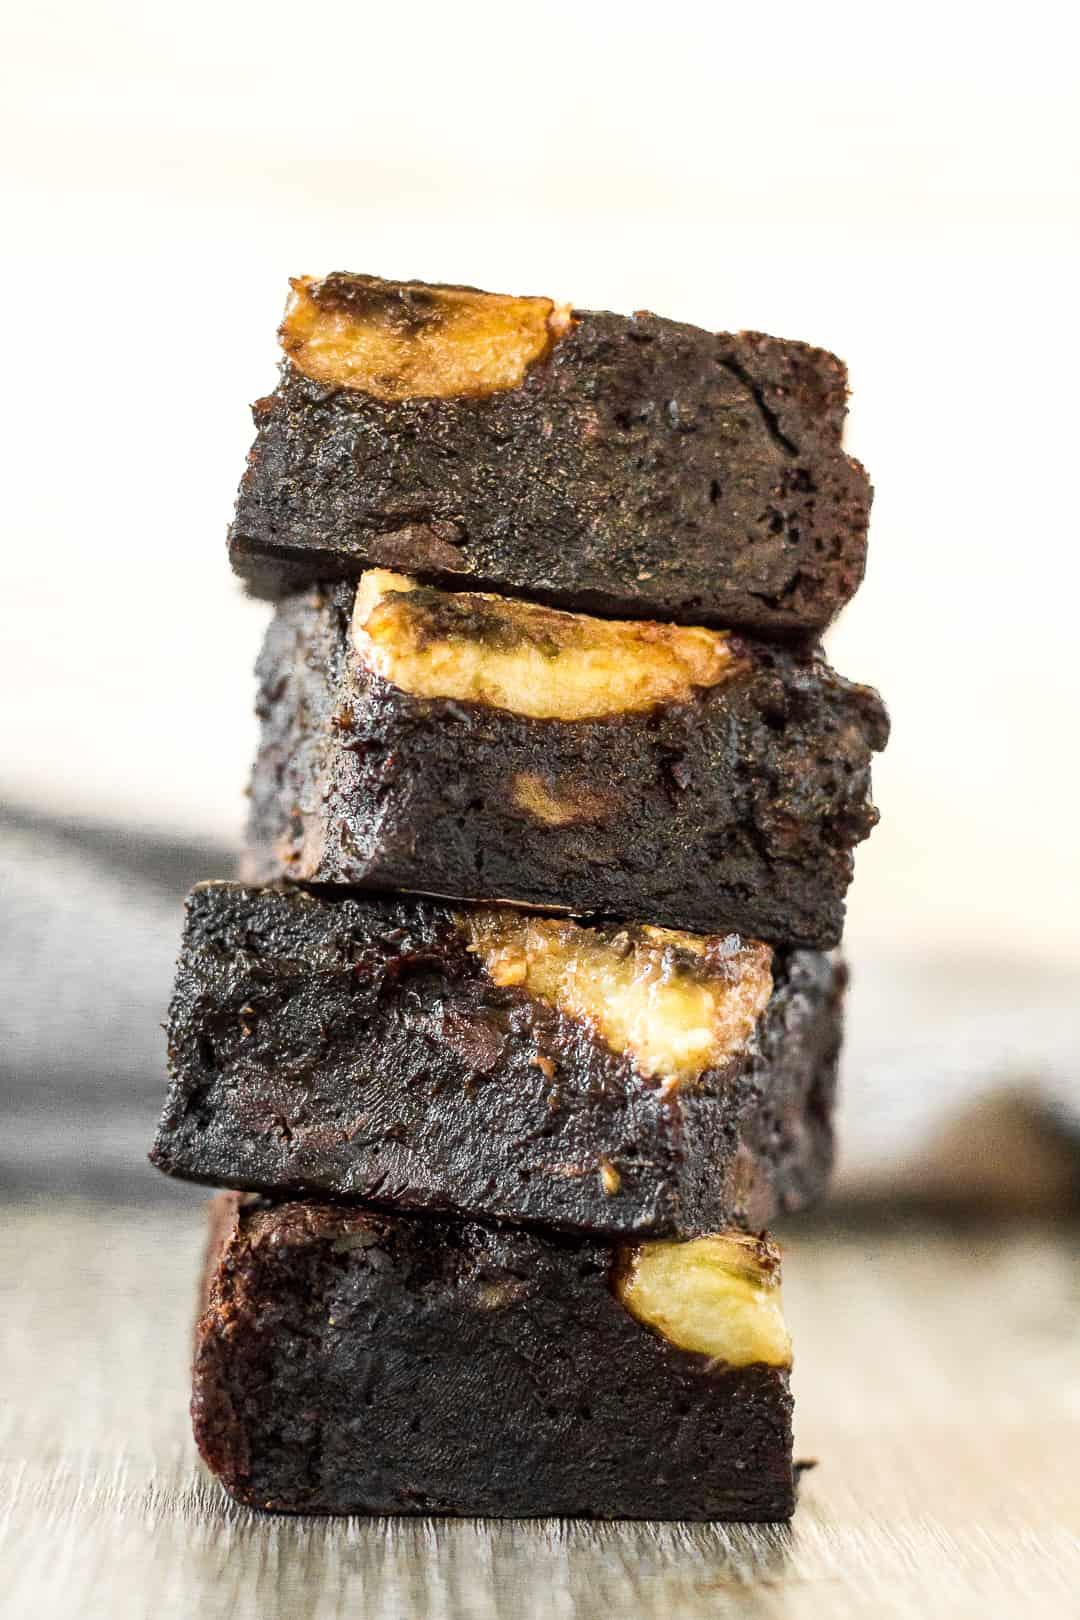 A stack of Fudgy Banana Brownies.